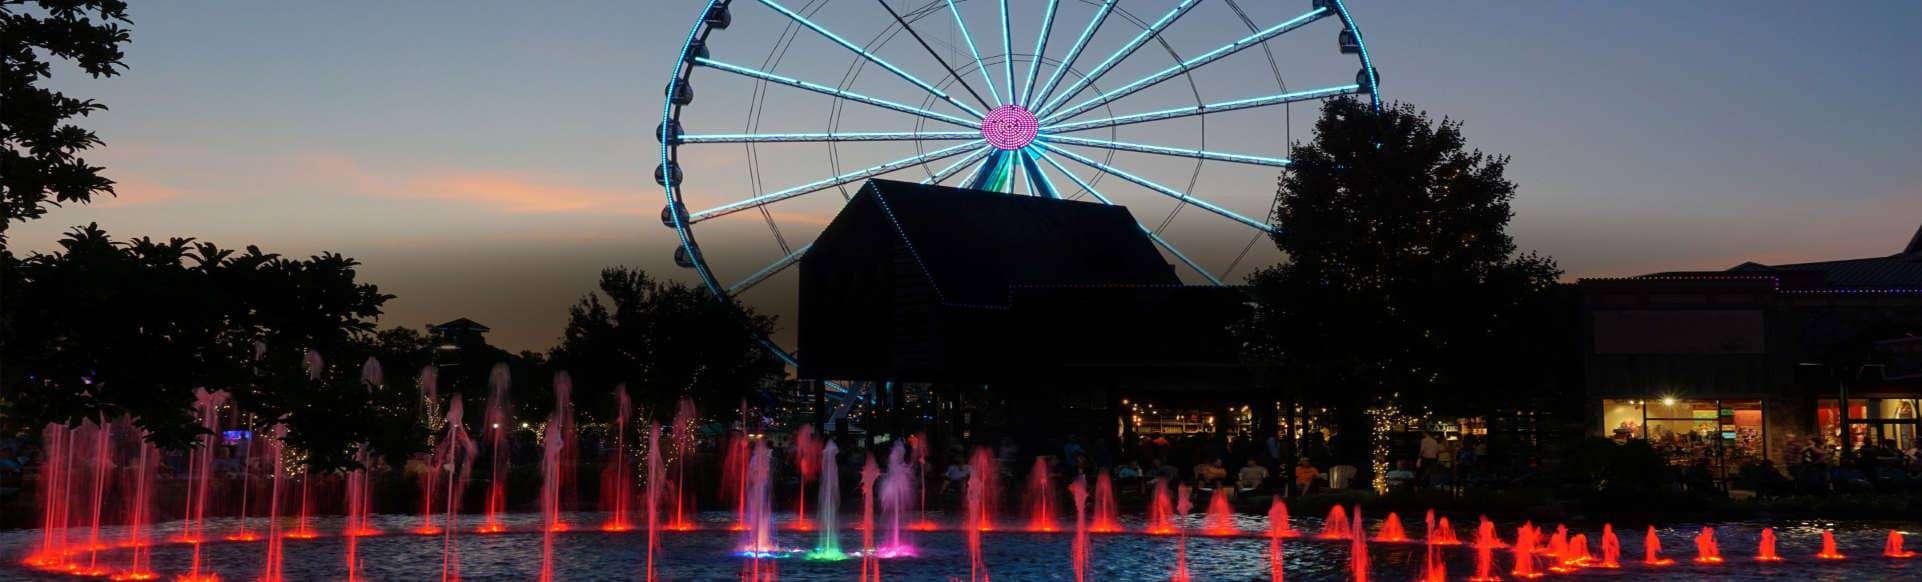 the island show fountain at dusk